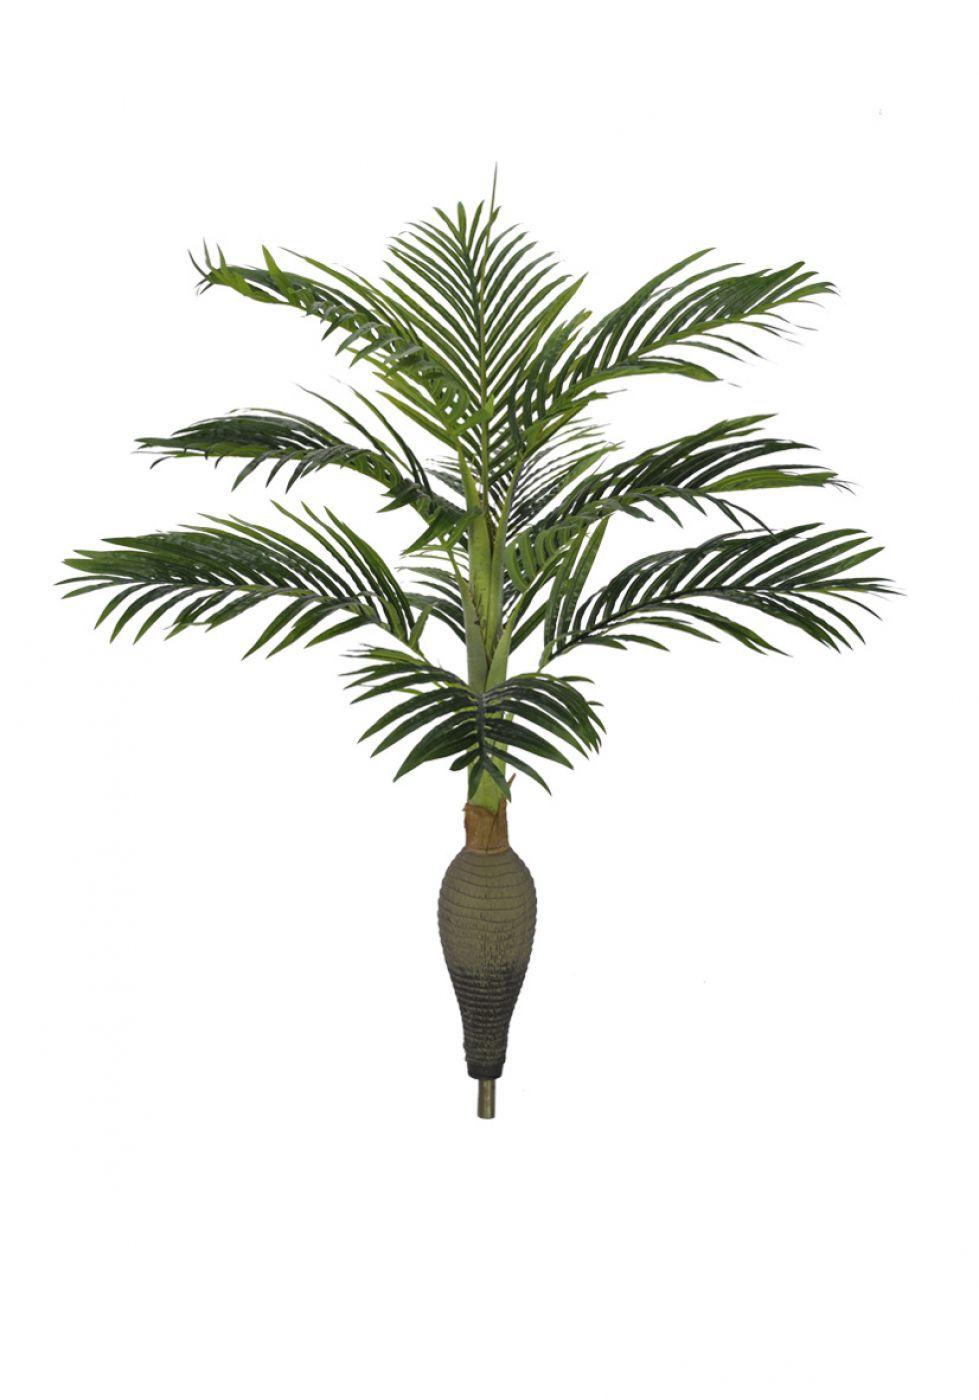 Arvore Palmeira garrafa artificial em silicone